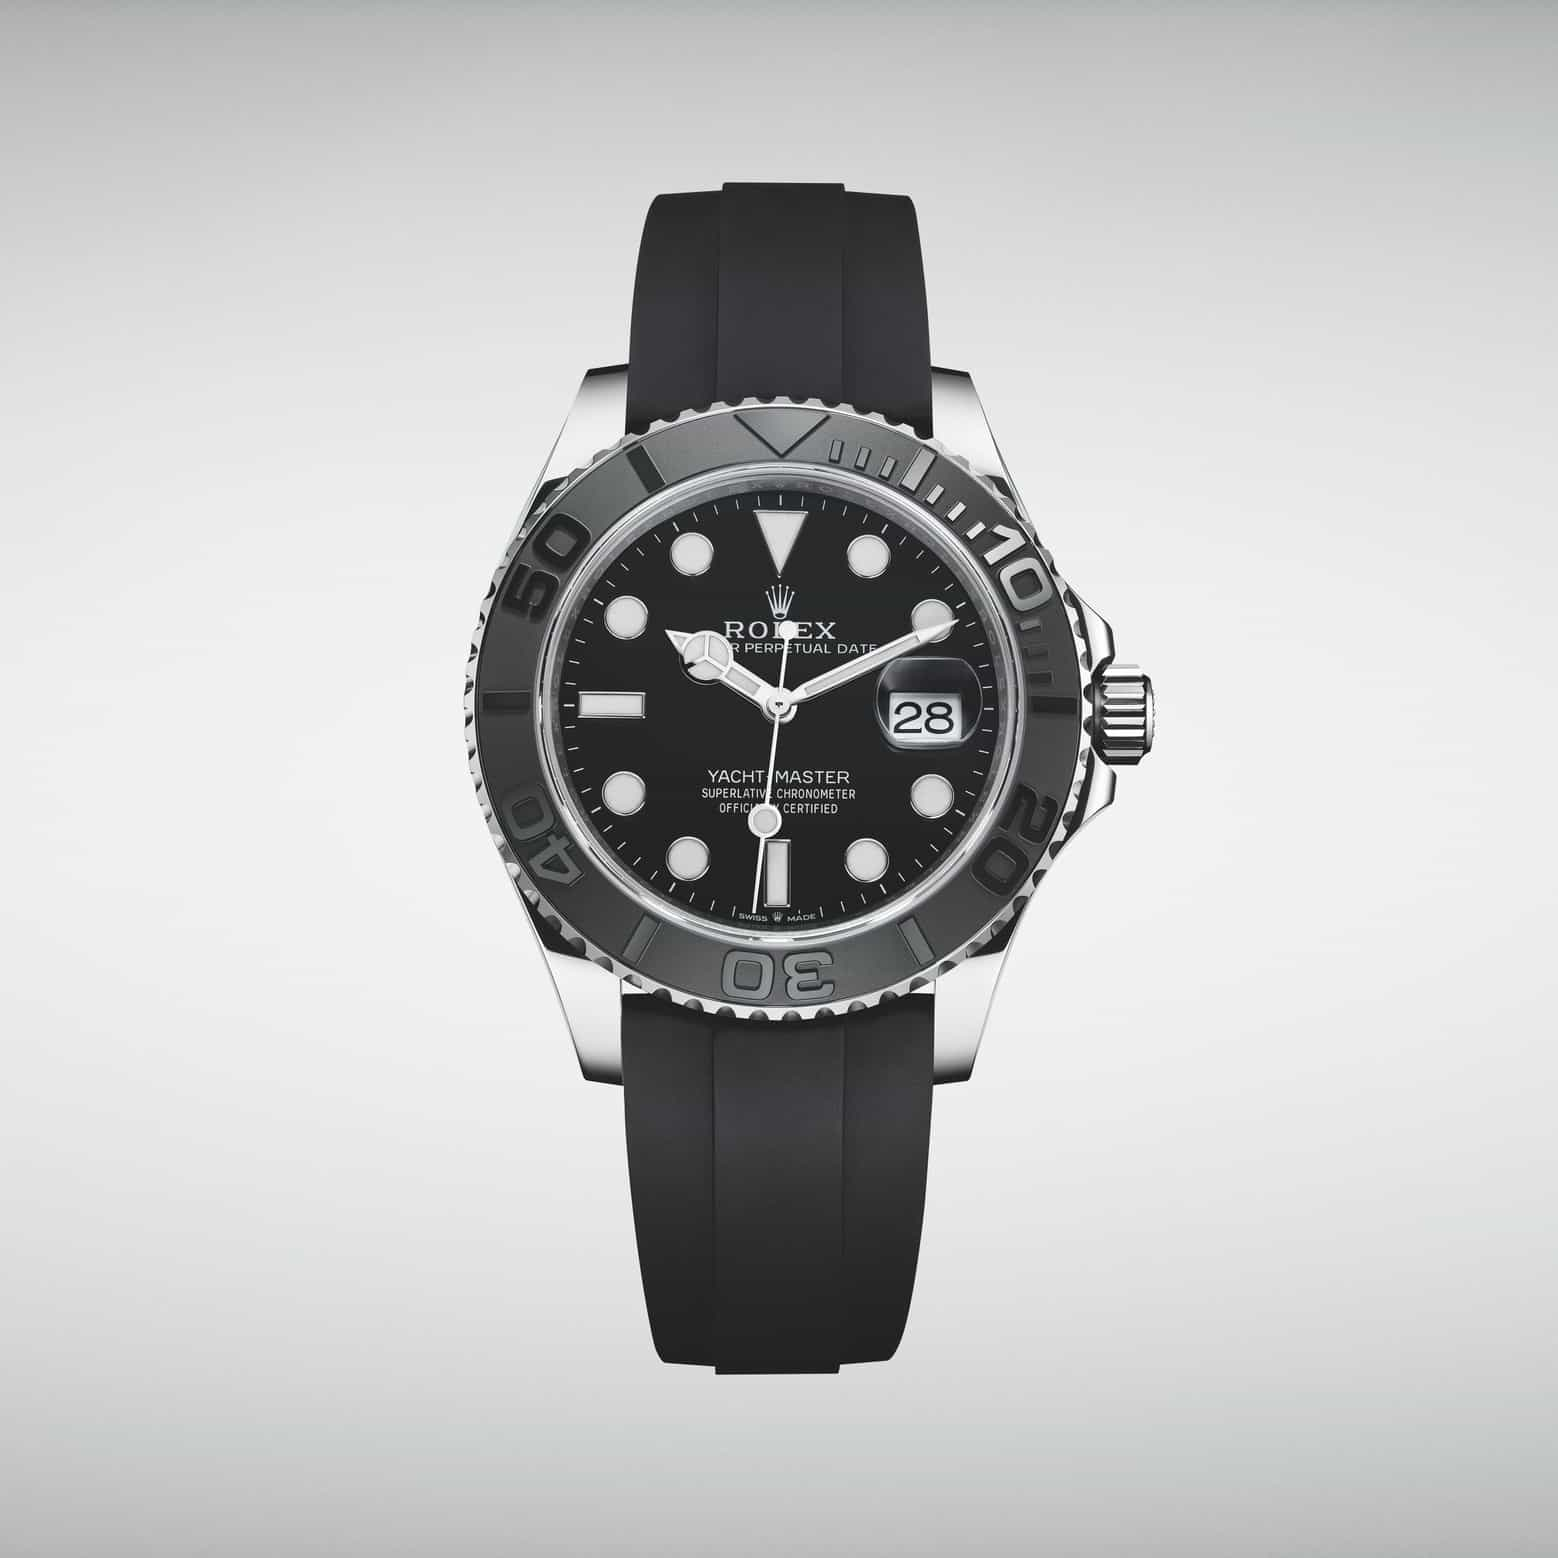 Die Rolex Yacht-Master wird größer und bietet ein innovatives Uhrband